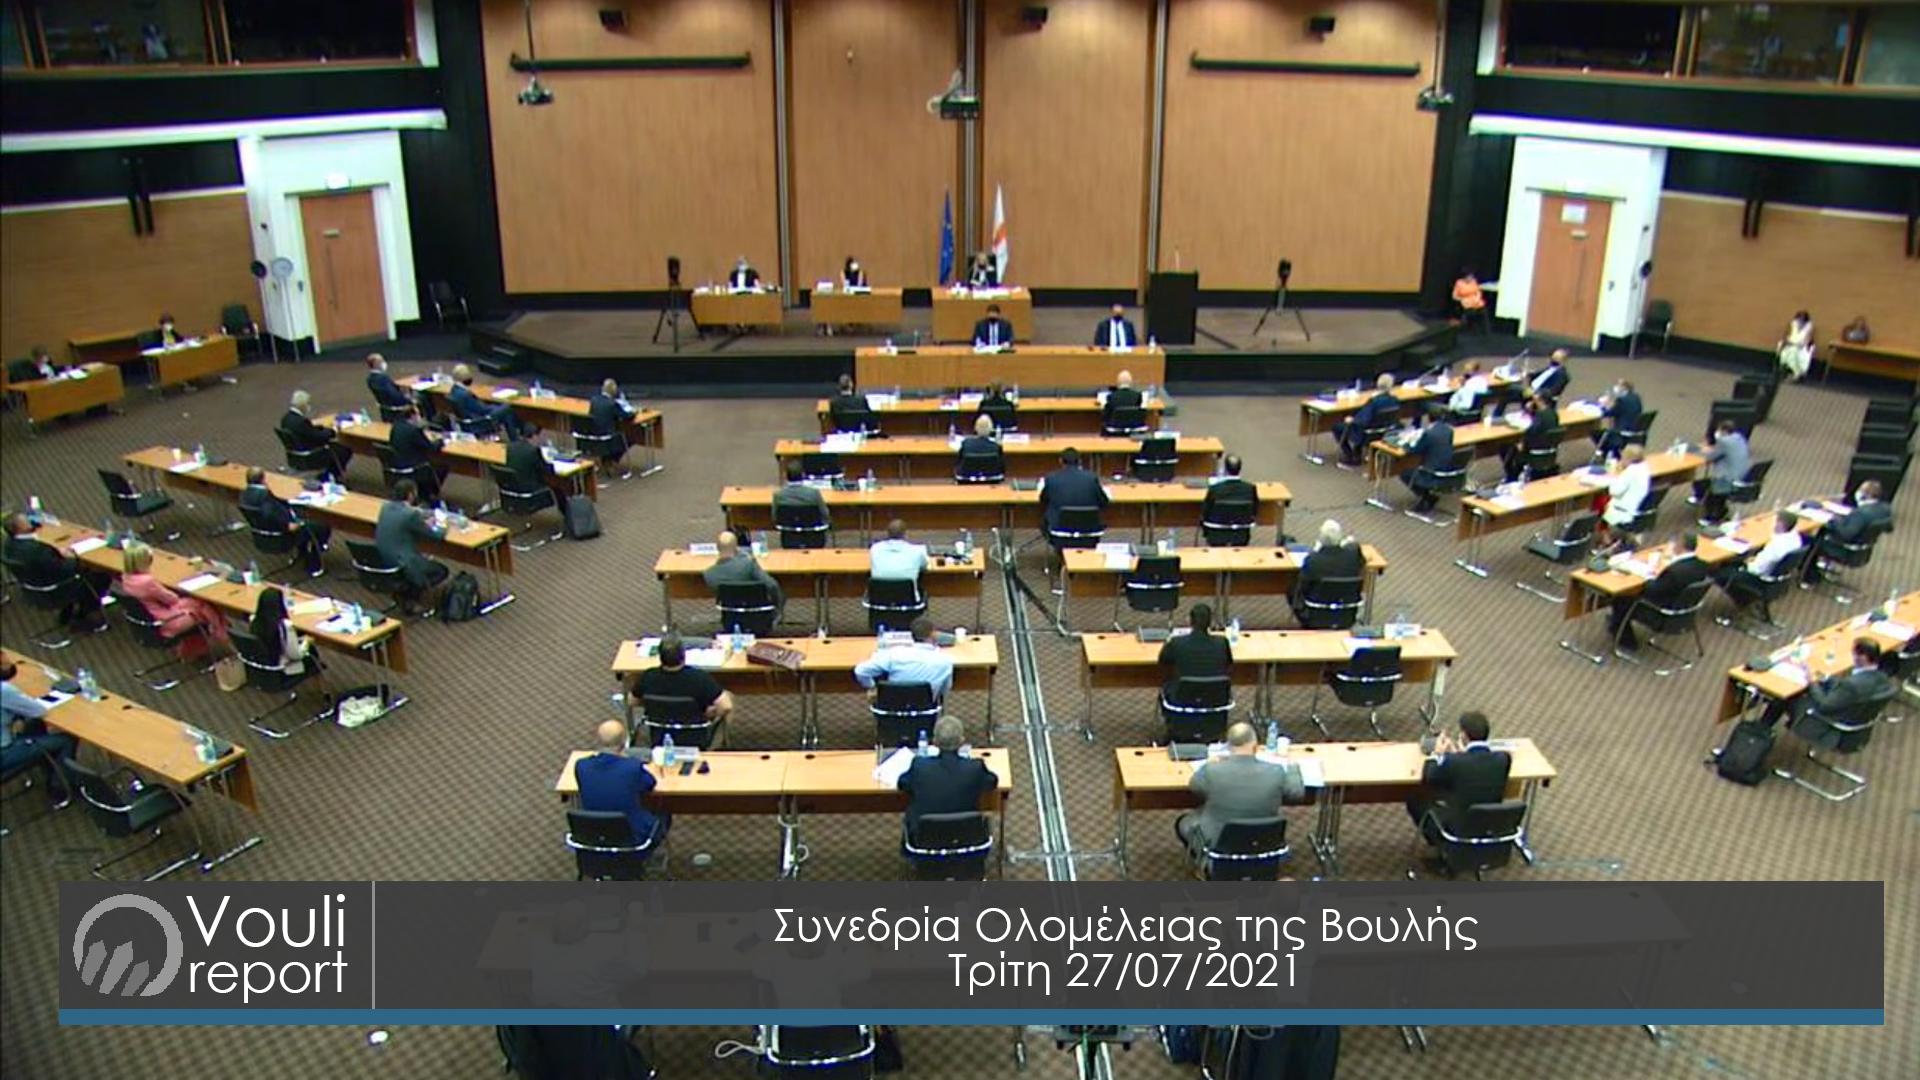 Συνεδρία Ολομέλειας της Βουλής | 27/07/2021